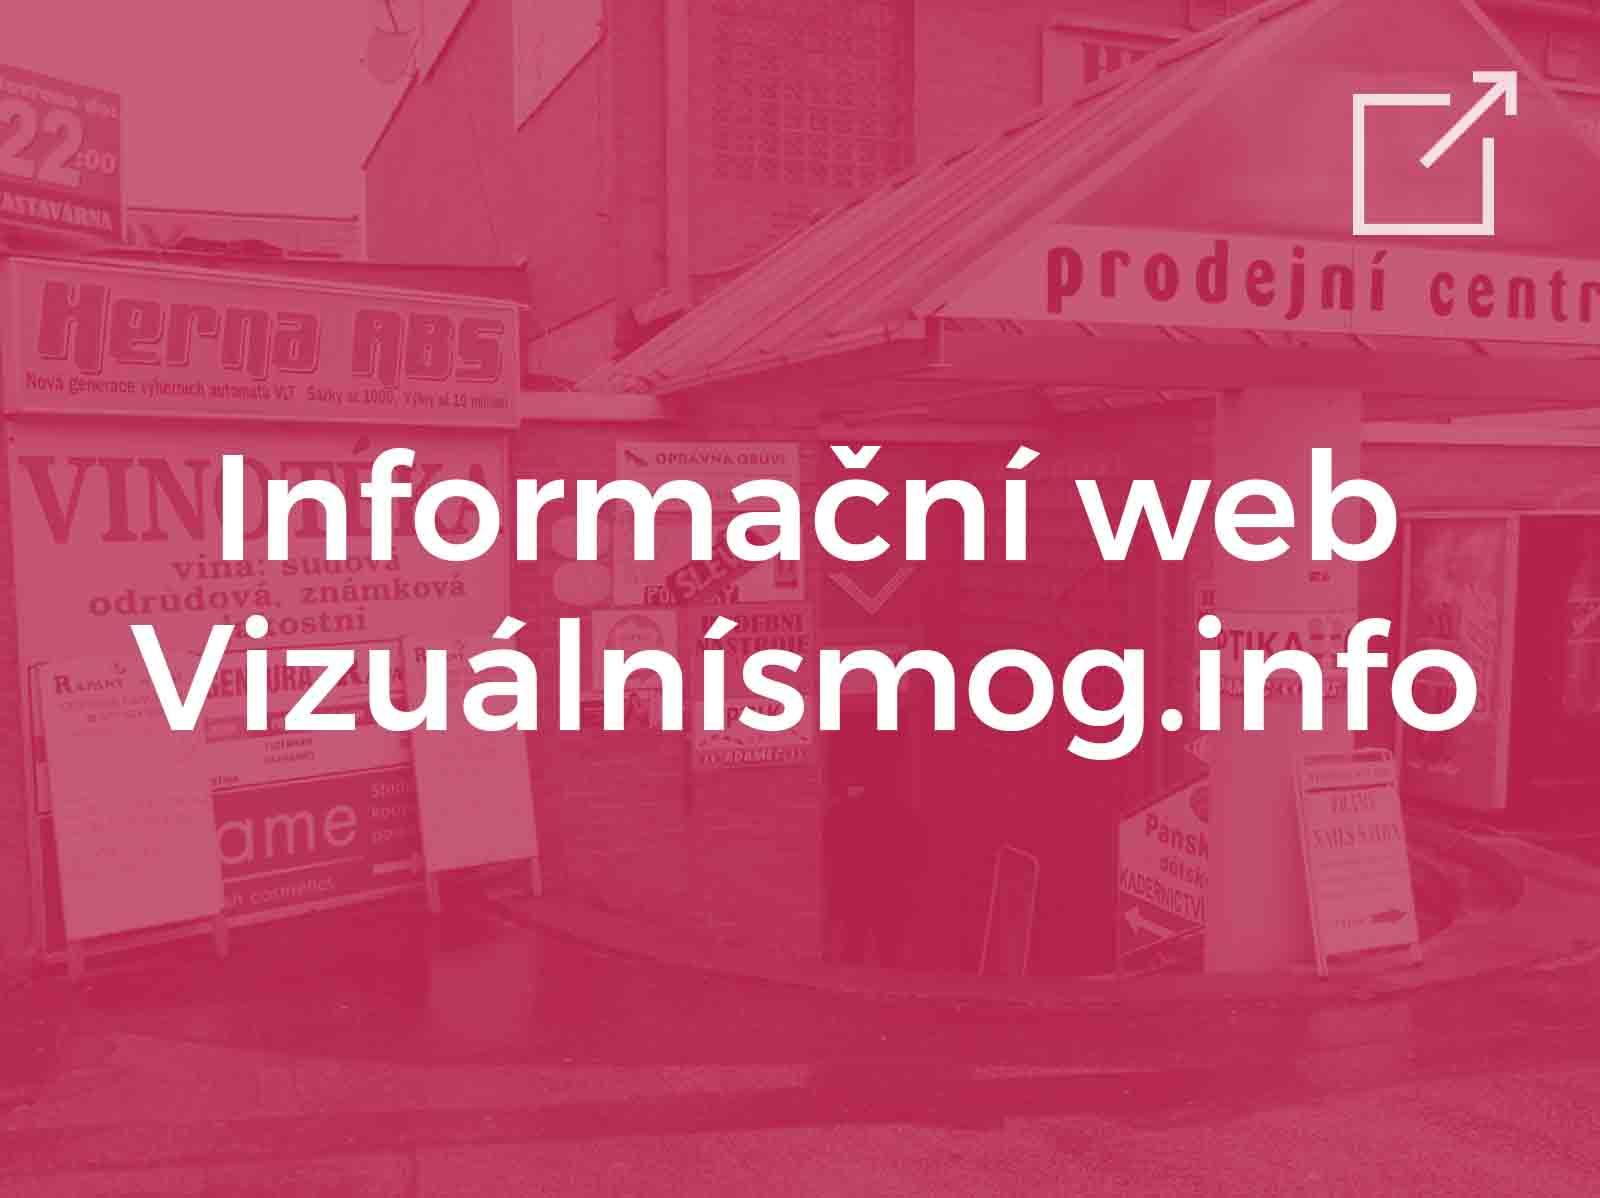 Vizuálnísmog.info